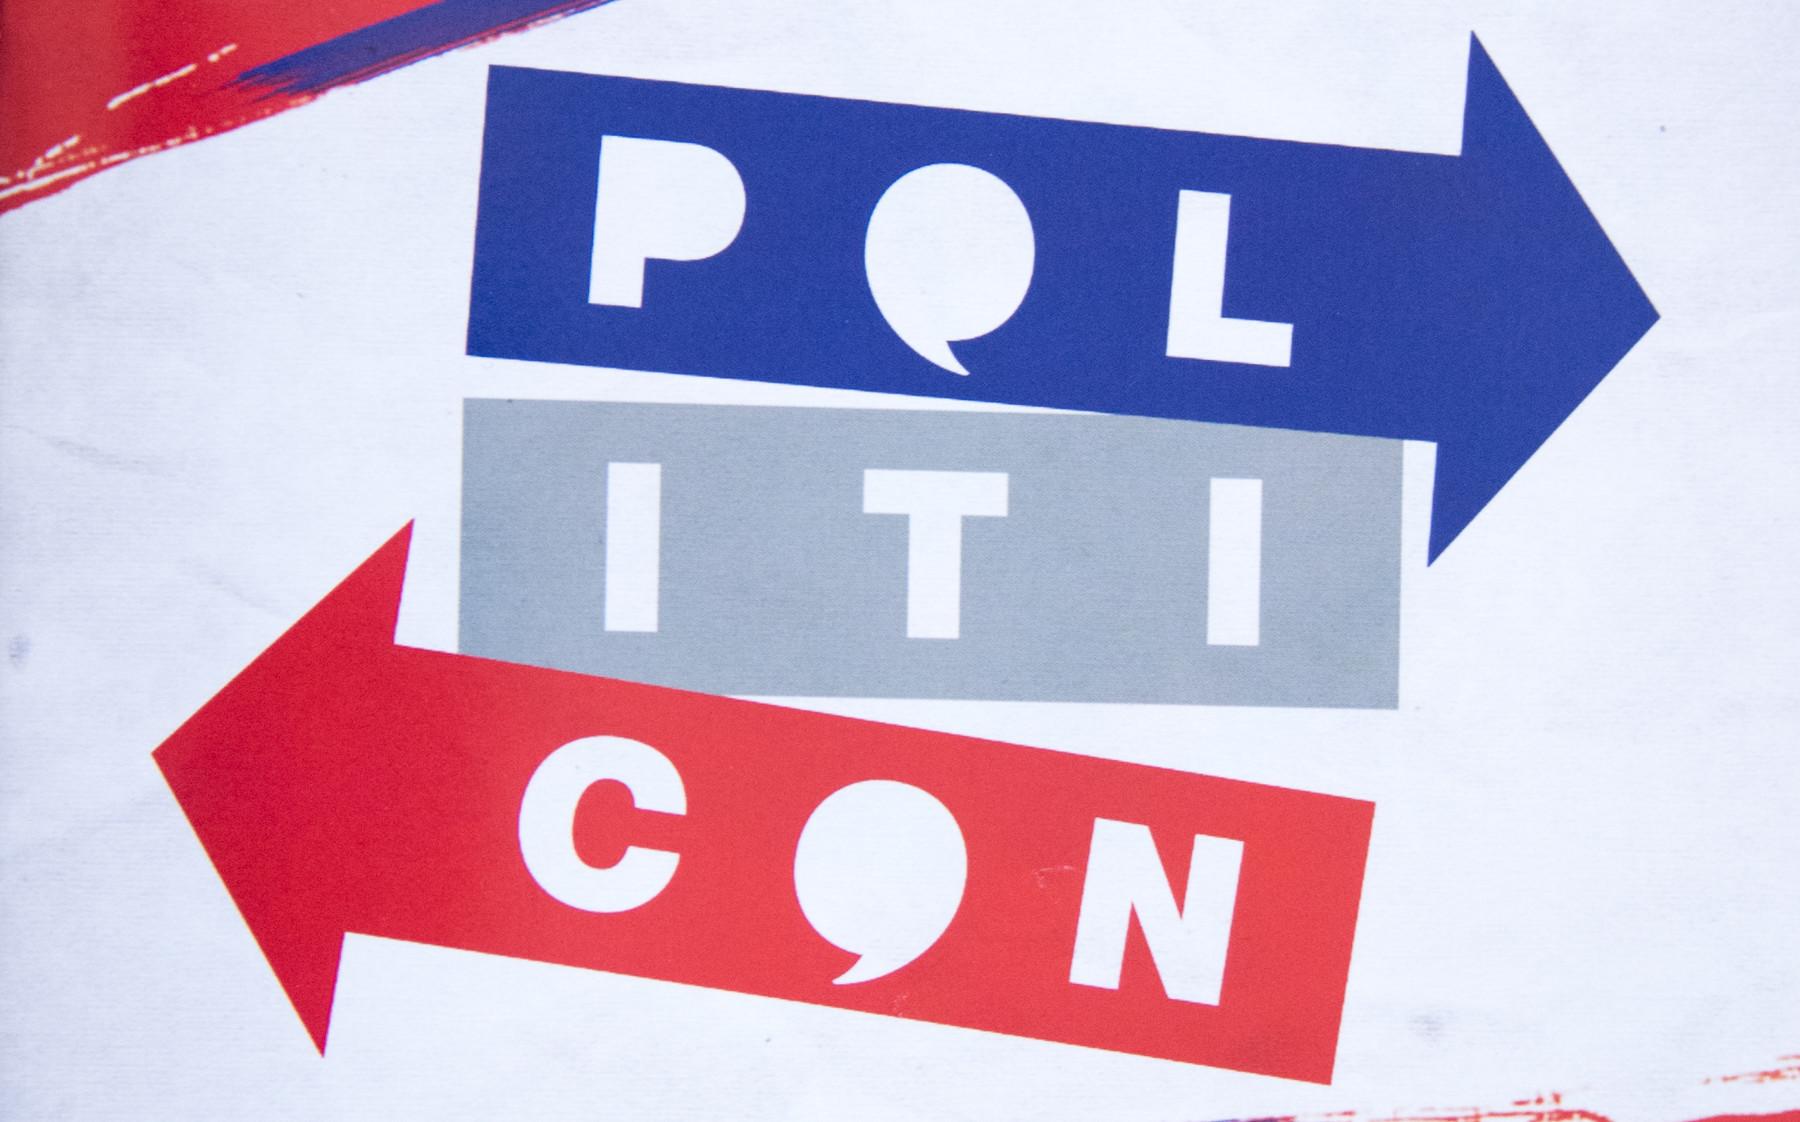 Politicon logo